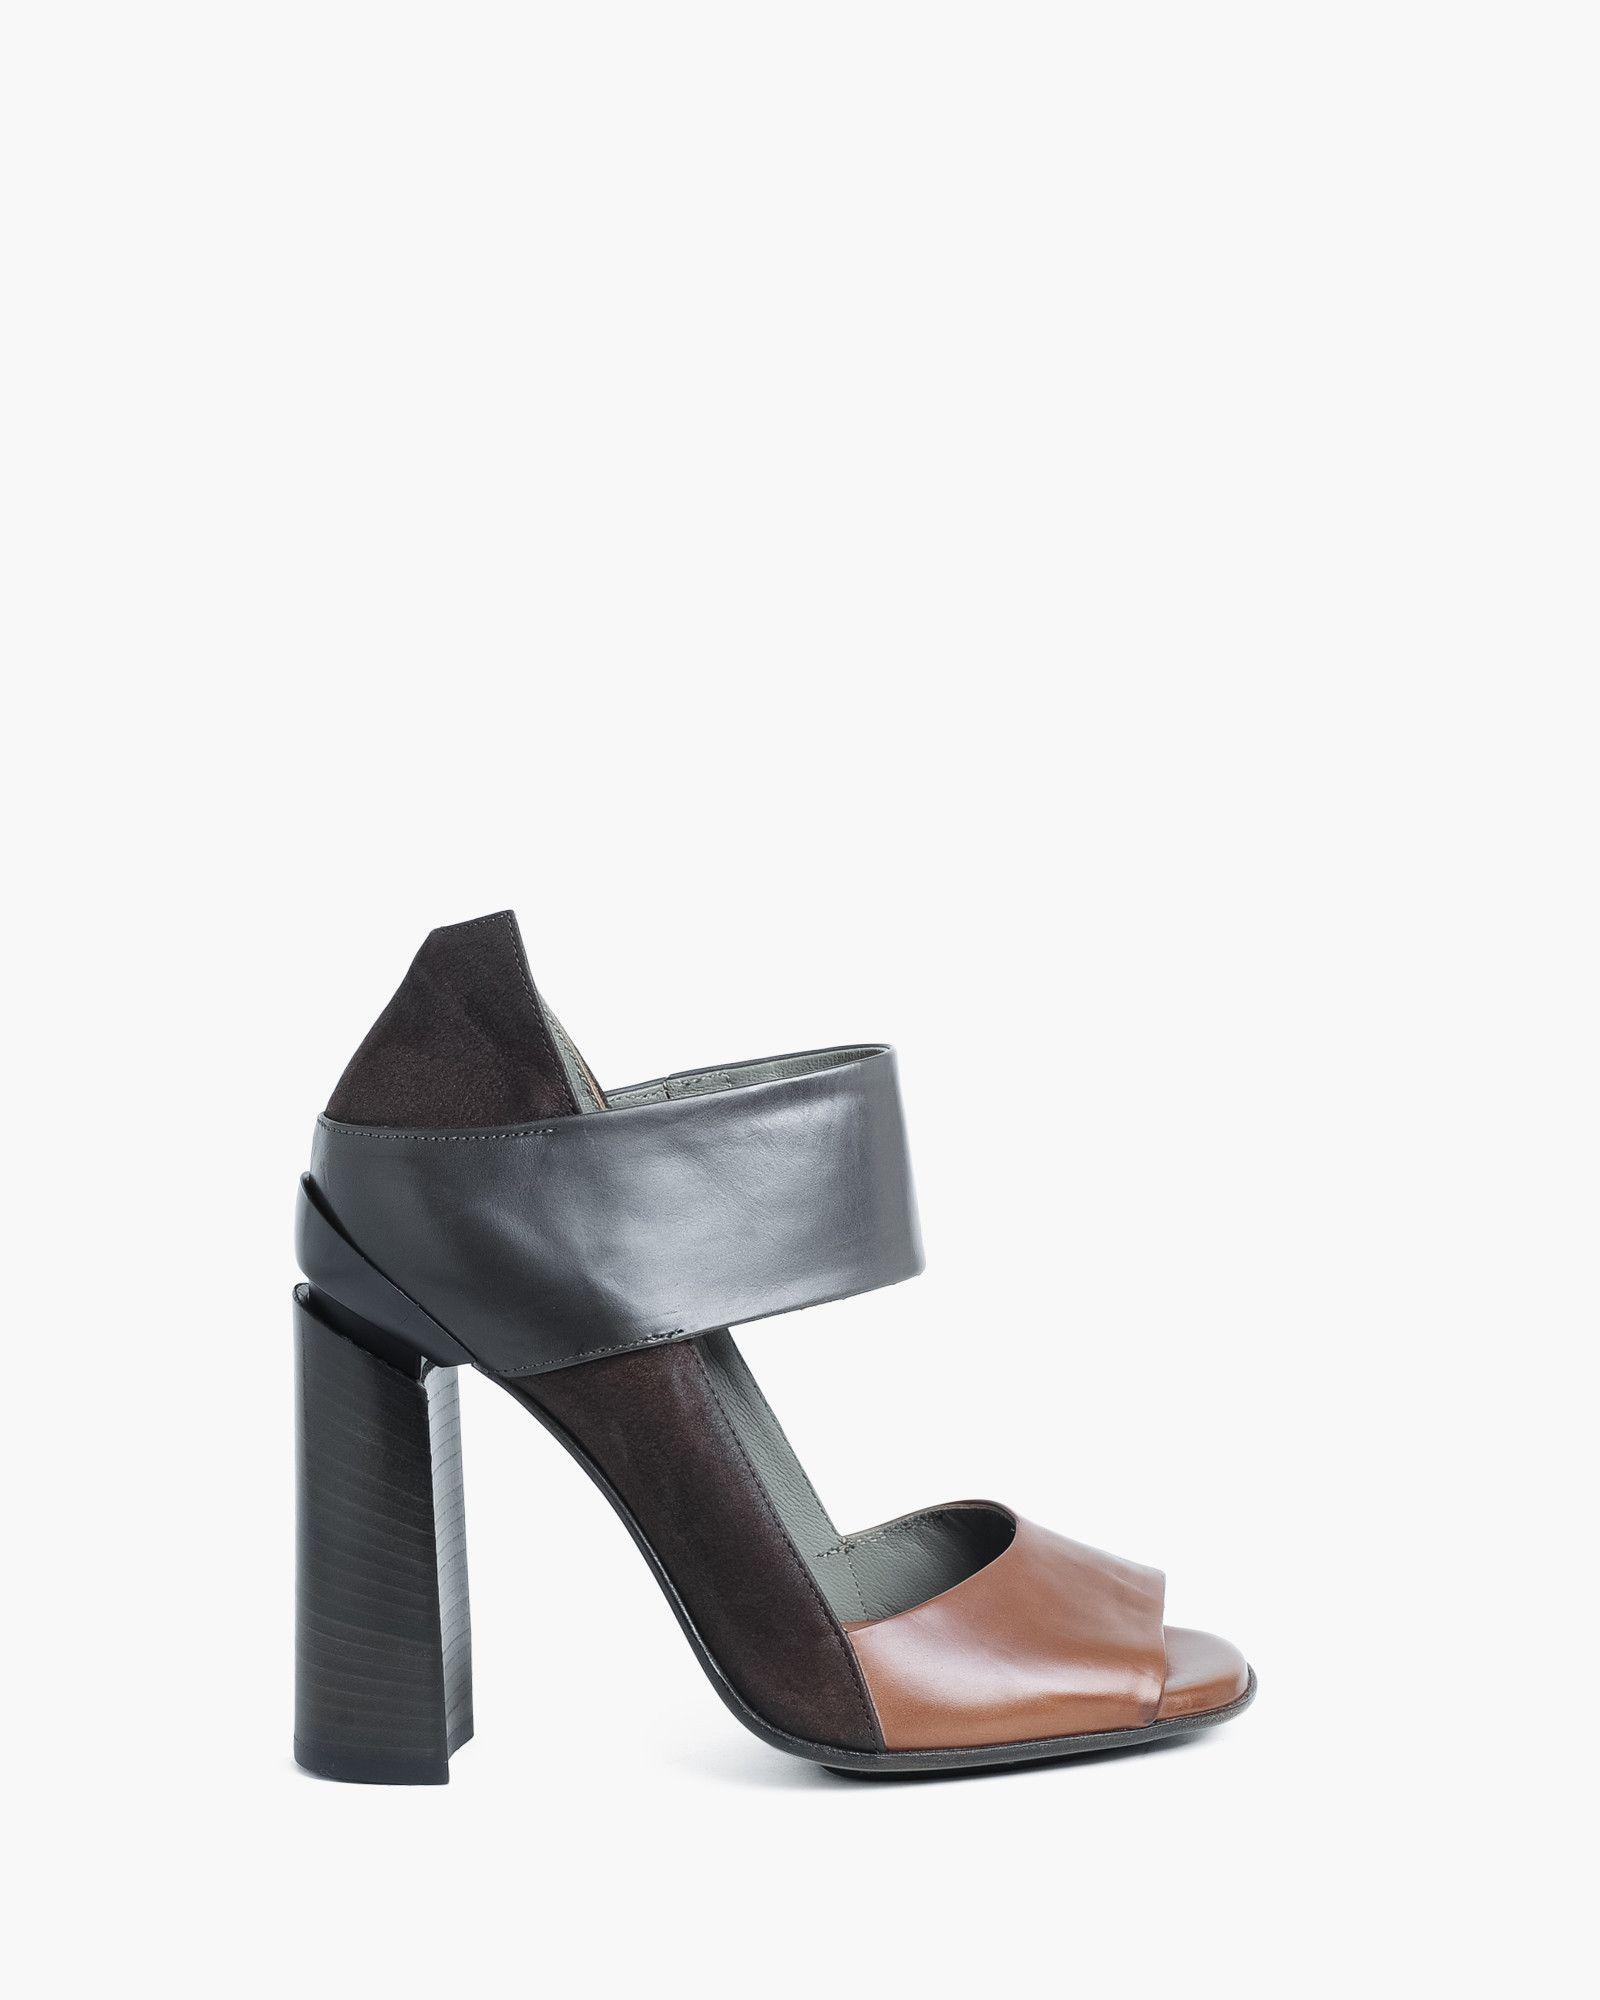 Malloni open toe leather shoe (con immagini) | Scarpe